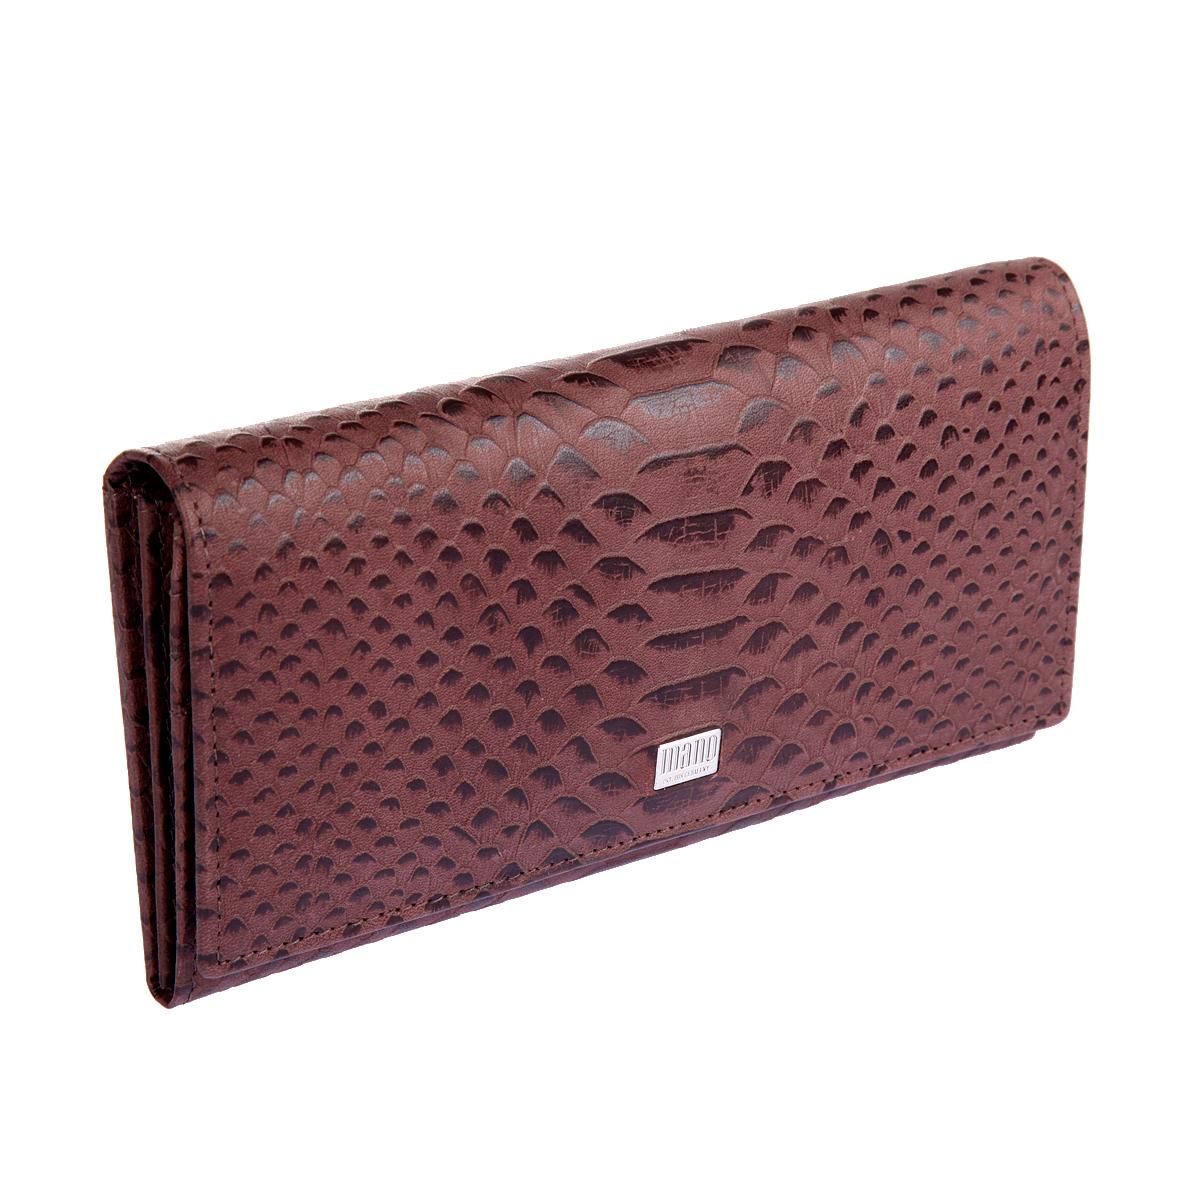 Портмоне Mano, цвет: коричневый. 20150 Croco1-022_516Портмоне Mano выполнено из натуральной кожи. Модель закрывается широким клапаном на кнопке, внутри два отделения для купюр, отделение для мелочи на молнии, два кармана для бумаг, девятнадцать кармашков для пластиковых карт, сетчатый карман, снаружи на задней стенке два кармана, один из них на молнии.